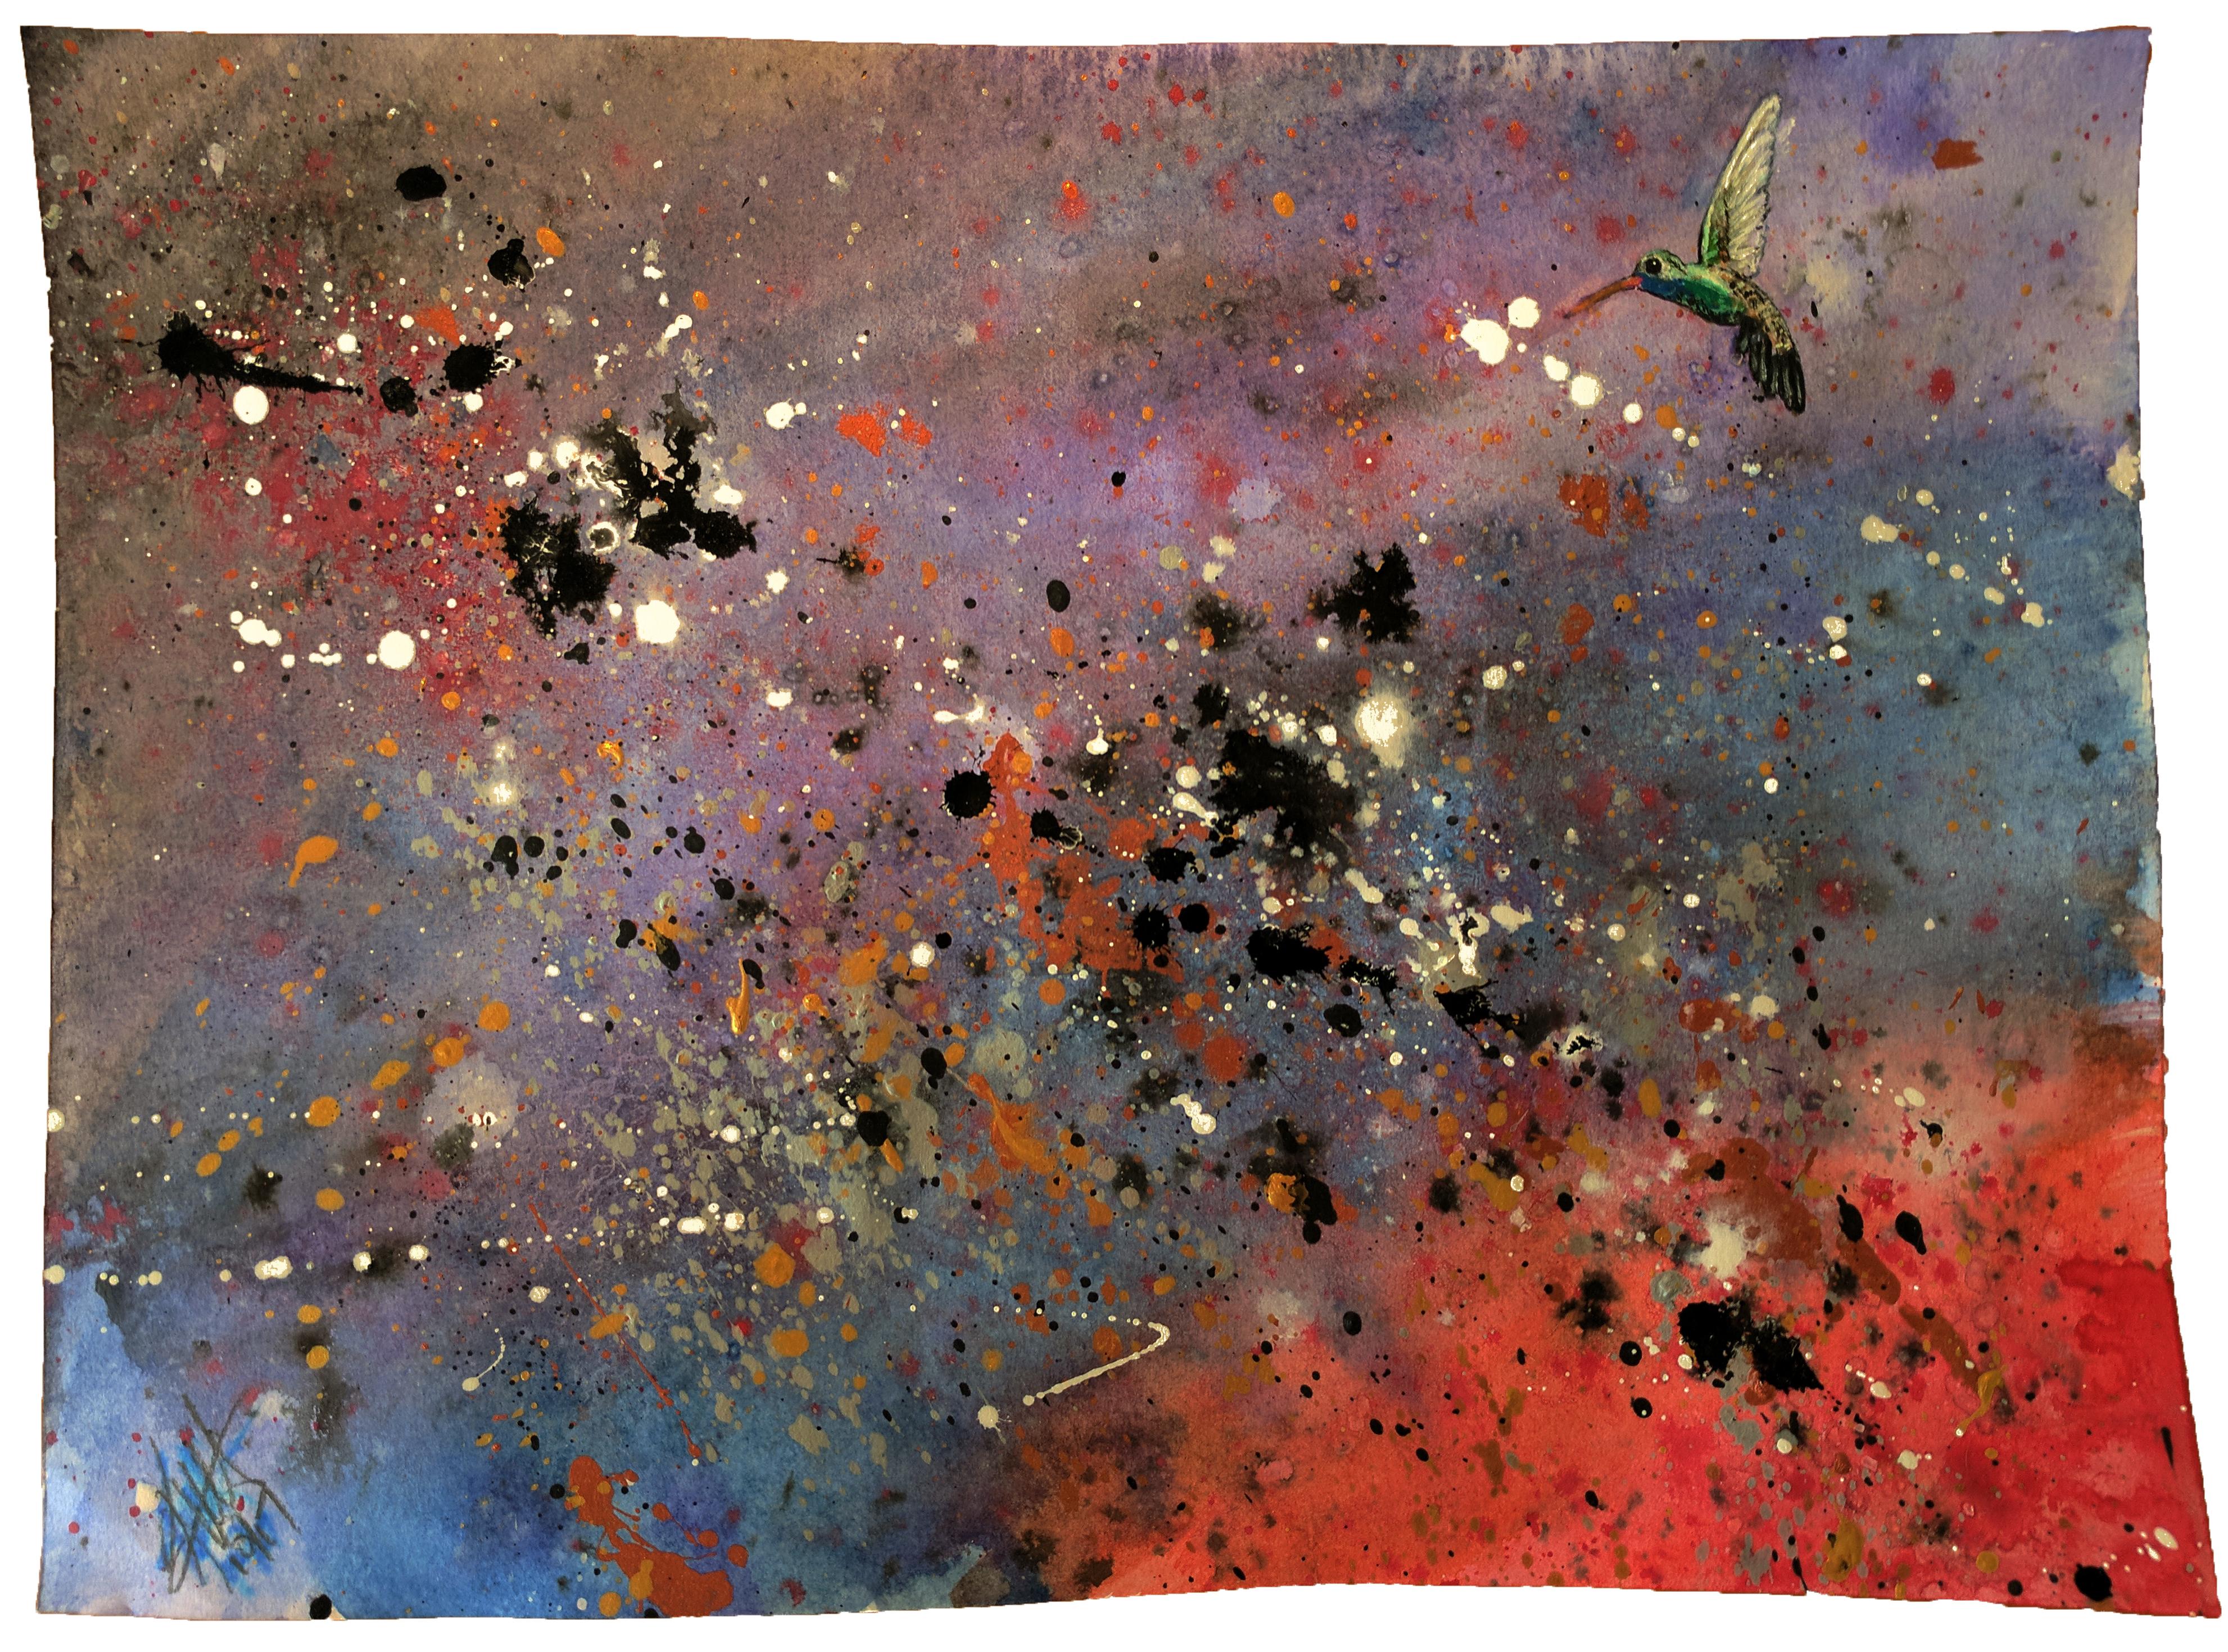 galactic hummingbird